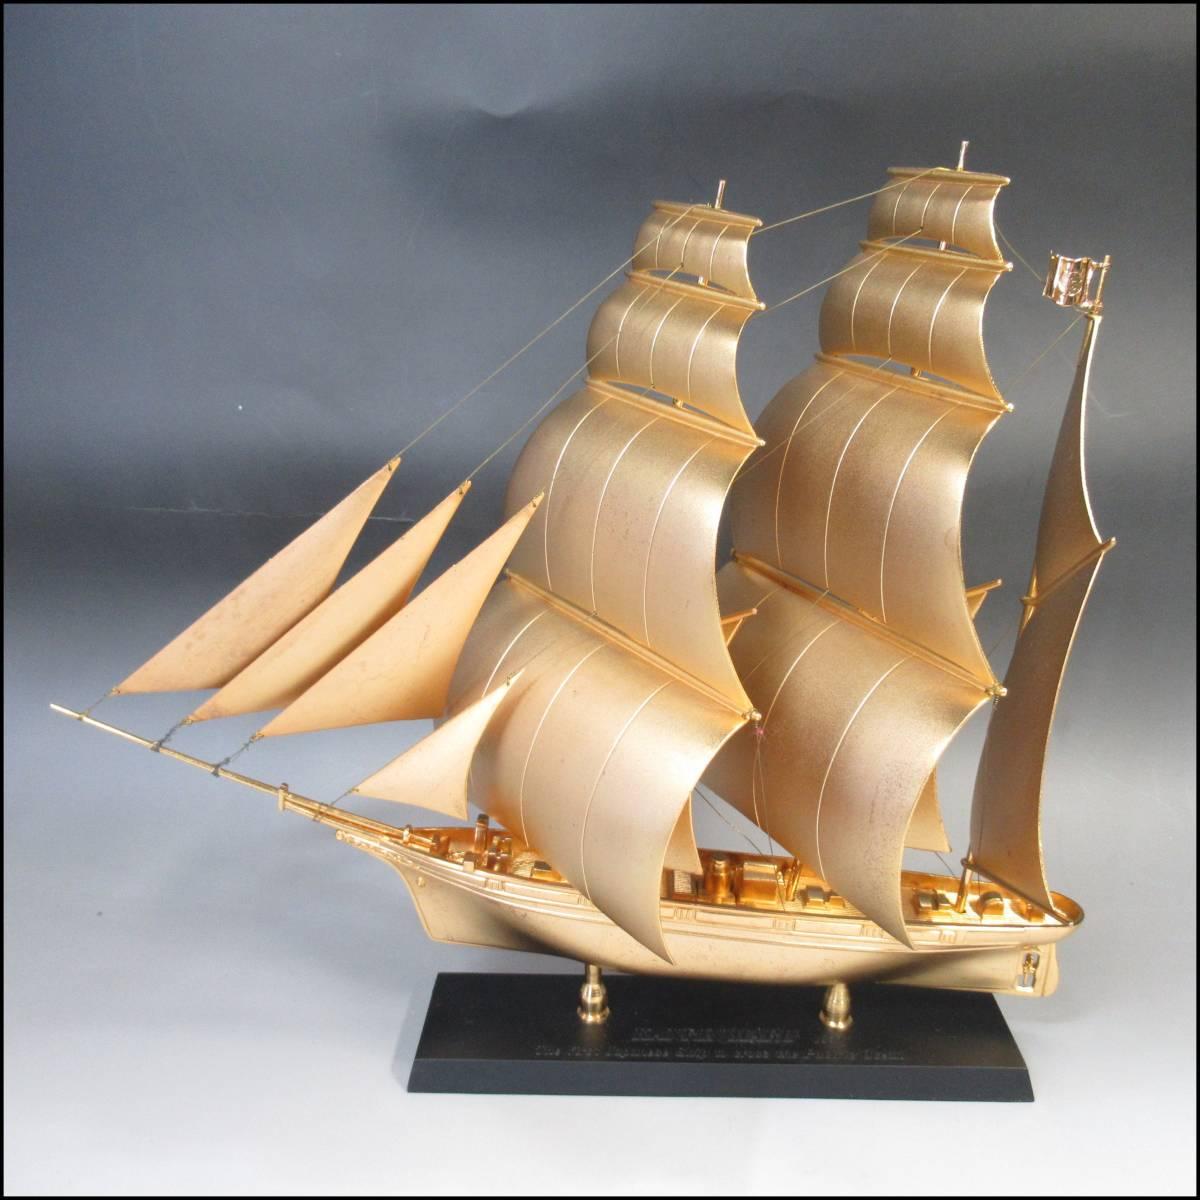 咸臨丸 KANRINMARU 置物  模型 オブジェ  帆船